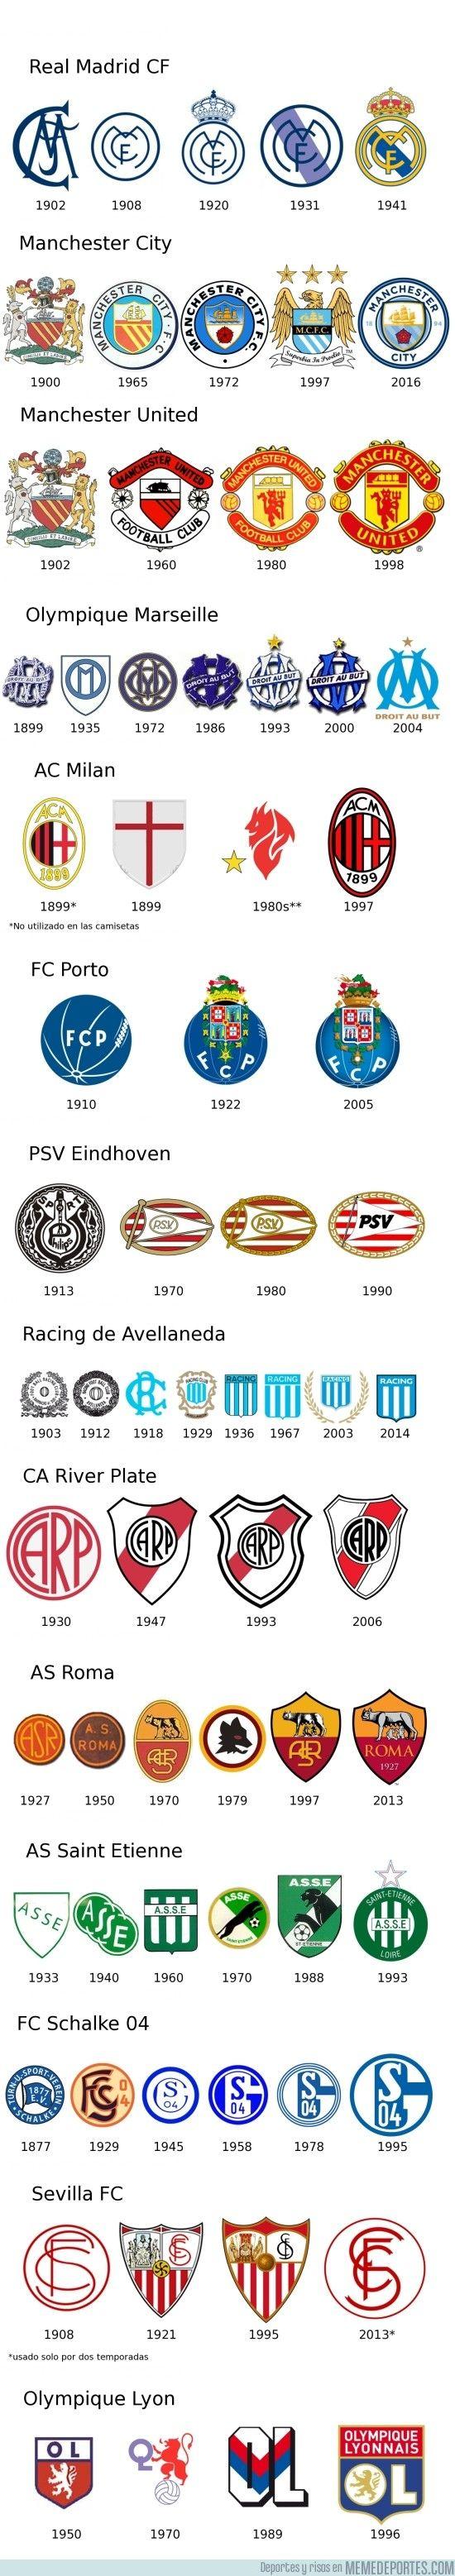 769294 - La evolución de escudos de los clubs más ganadores de las principales ligas del mundo (PARTE 2)